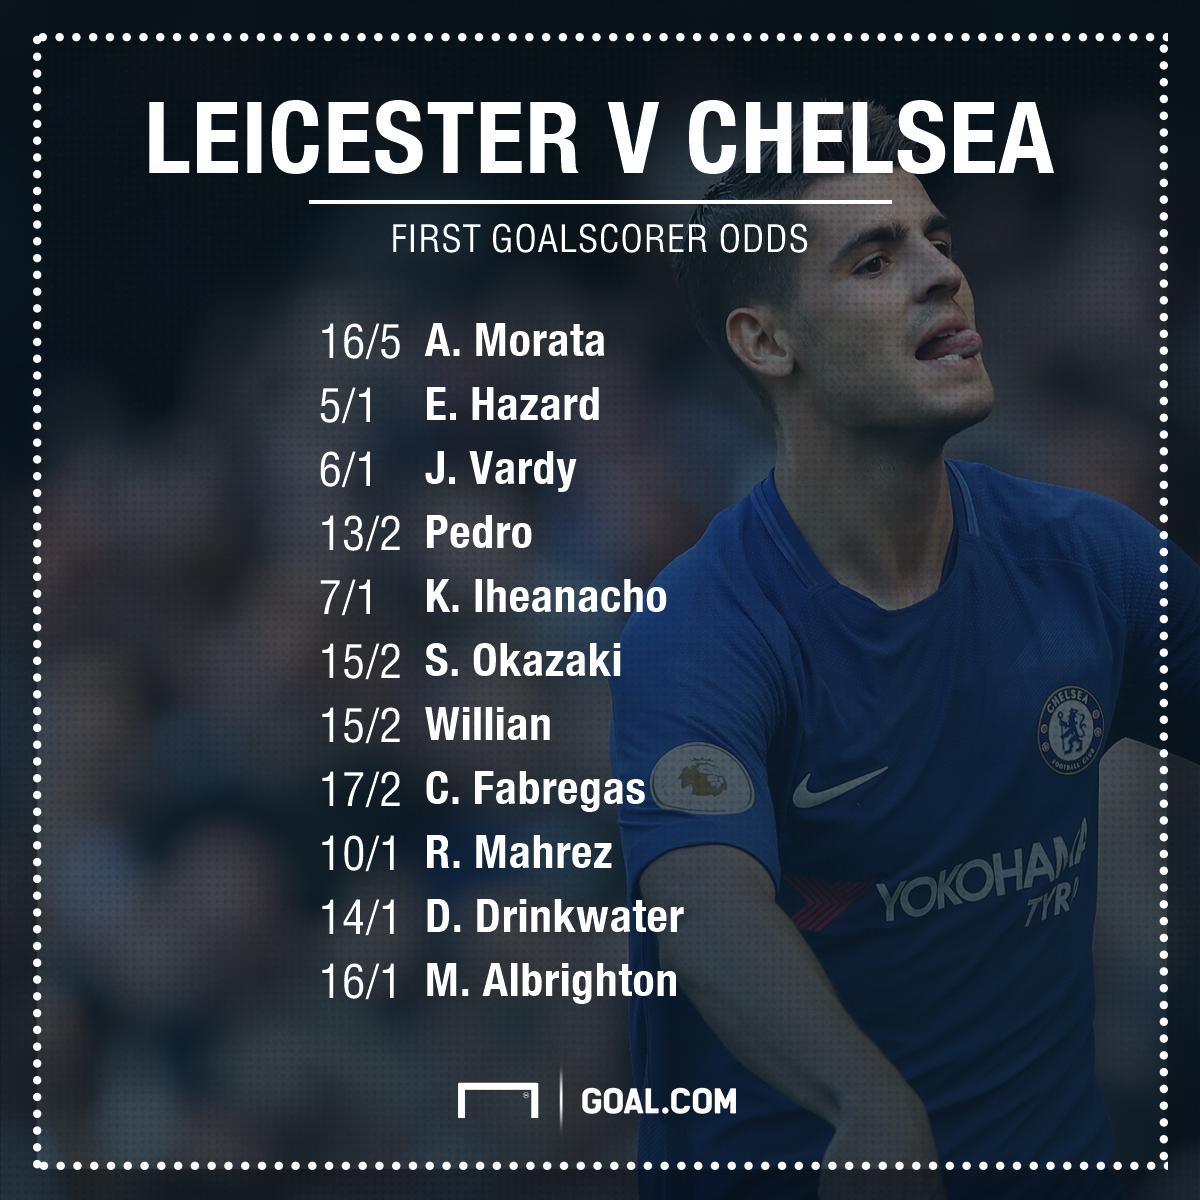 Leicester versus Chelsea